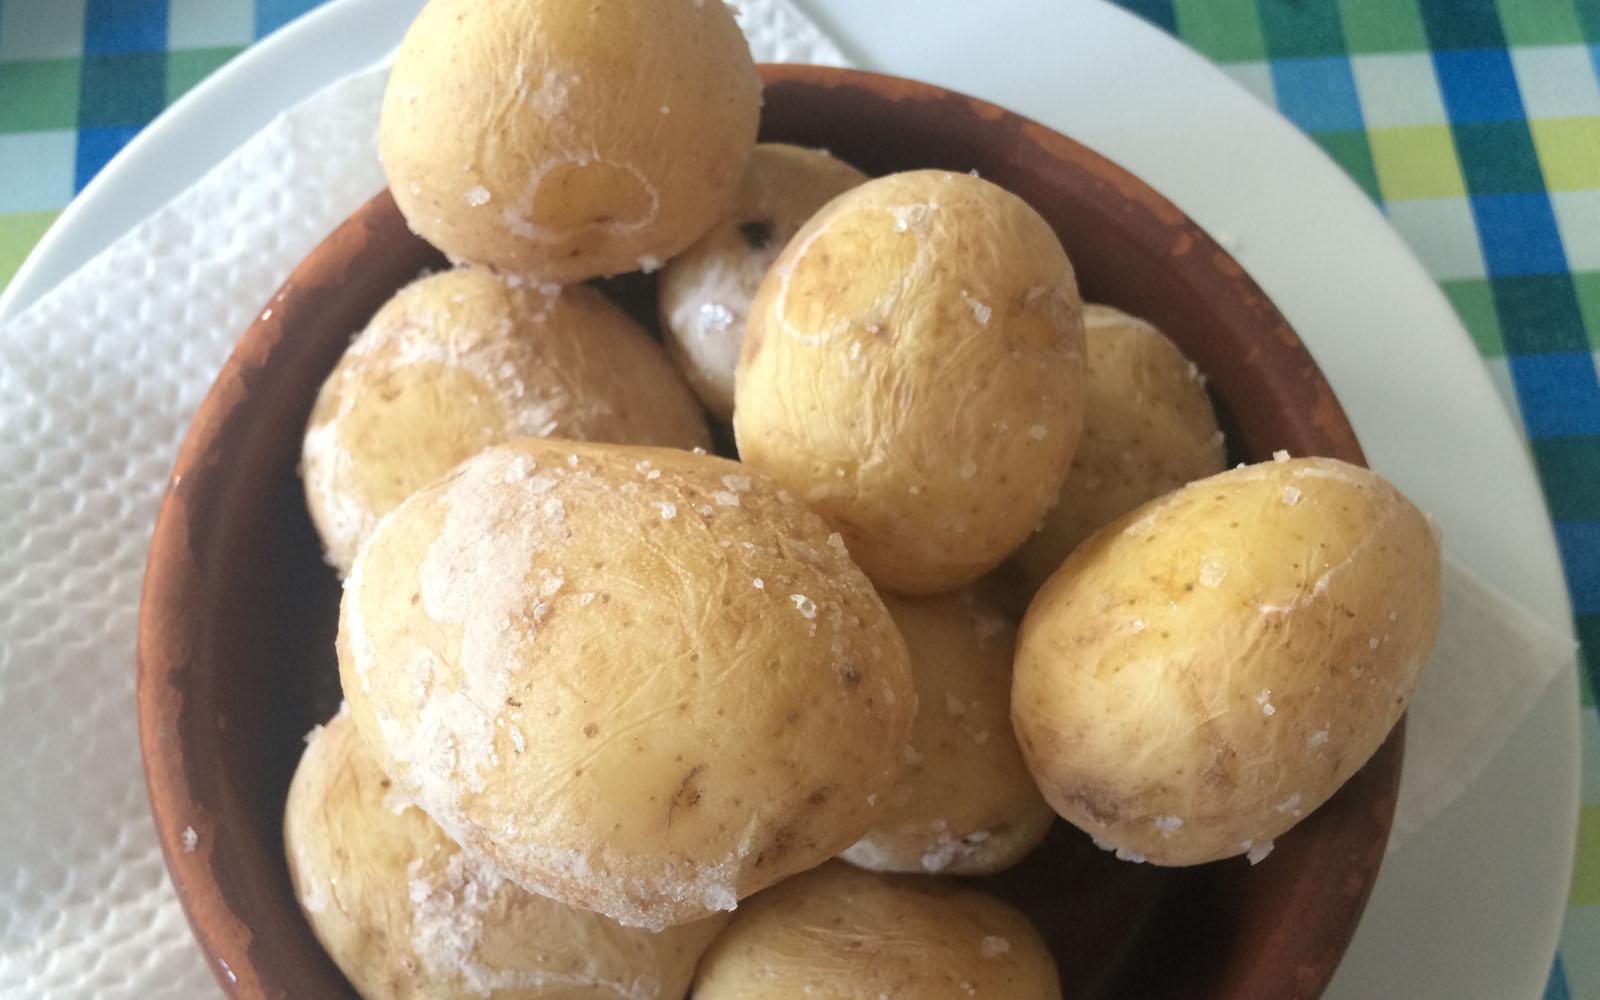 Le ottime papas arrugadas servite nel ristorante El Barquillo.